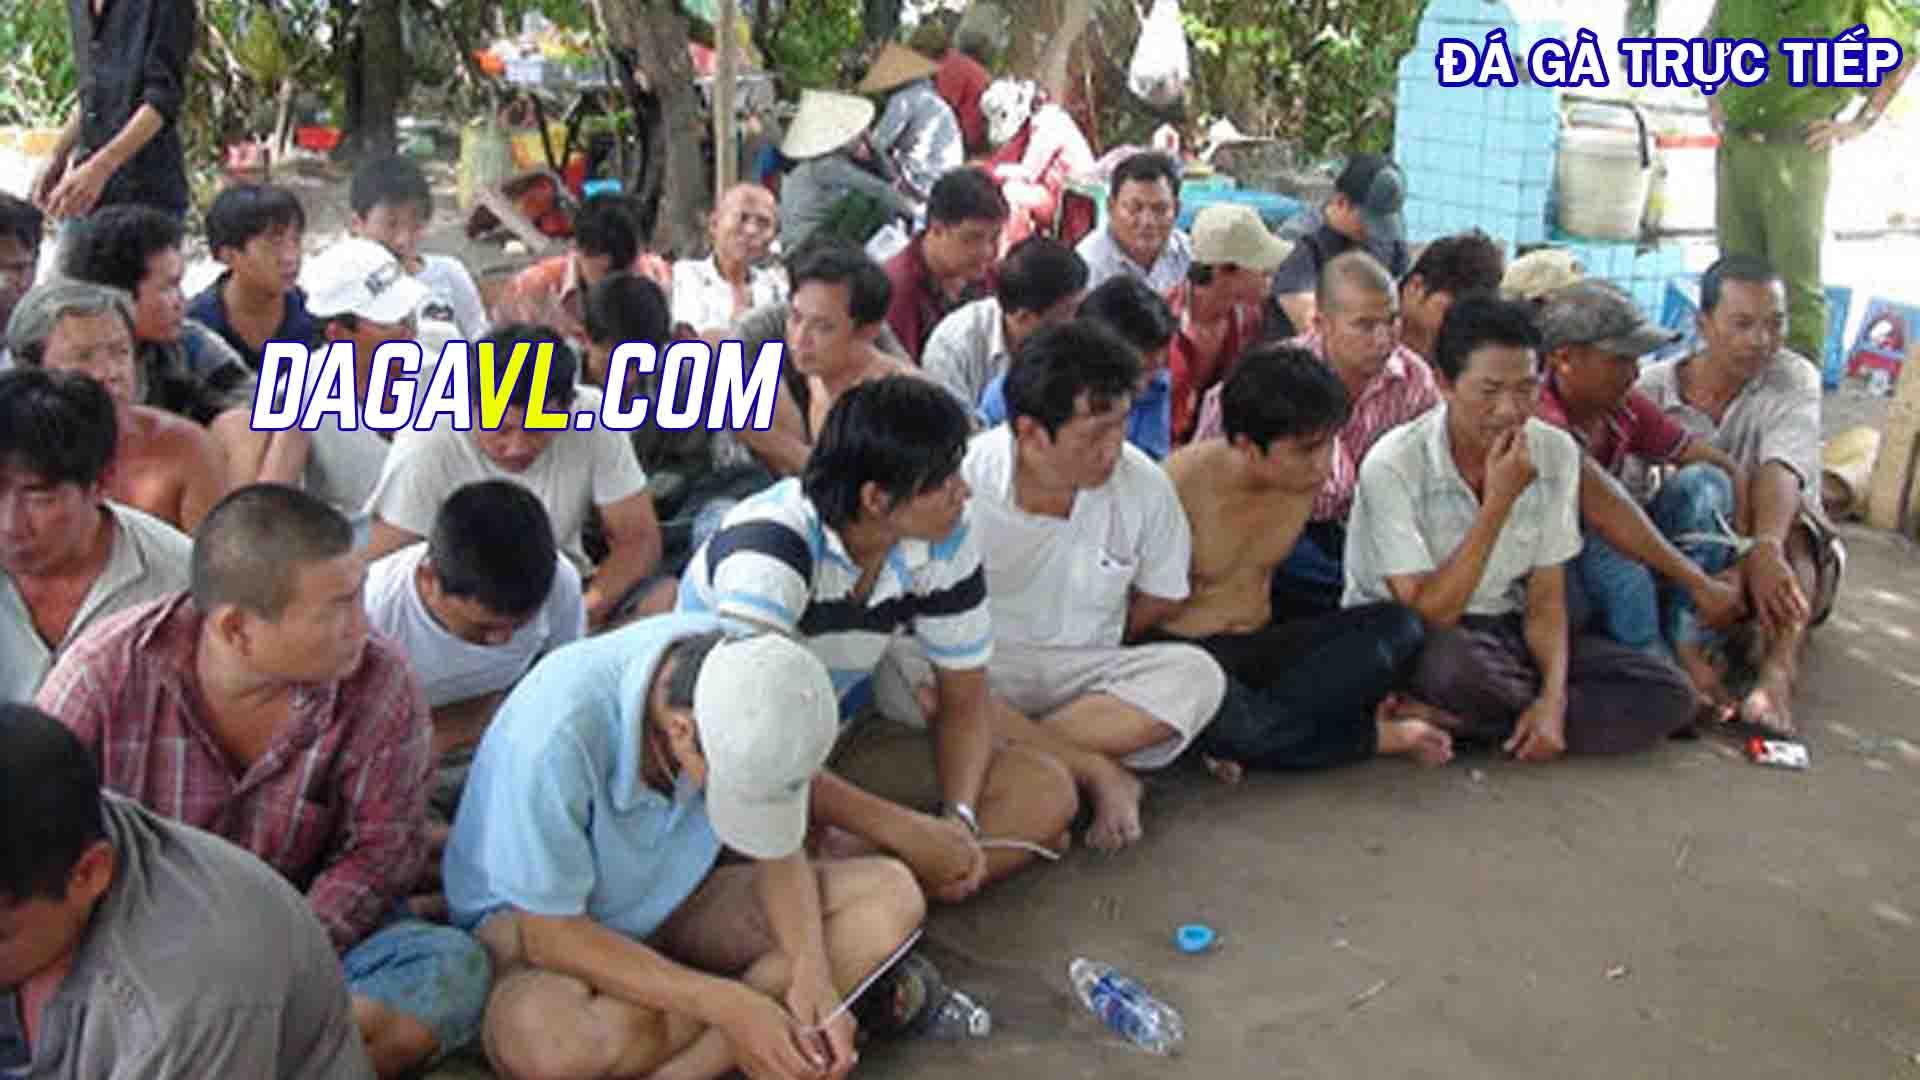 DAGAVL.COM - Các con bạc đá gà trực tiếp bị bắt tại hiện trường